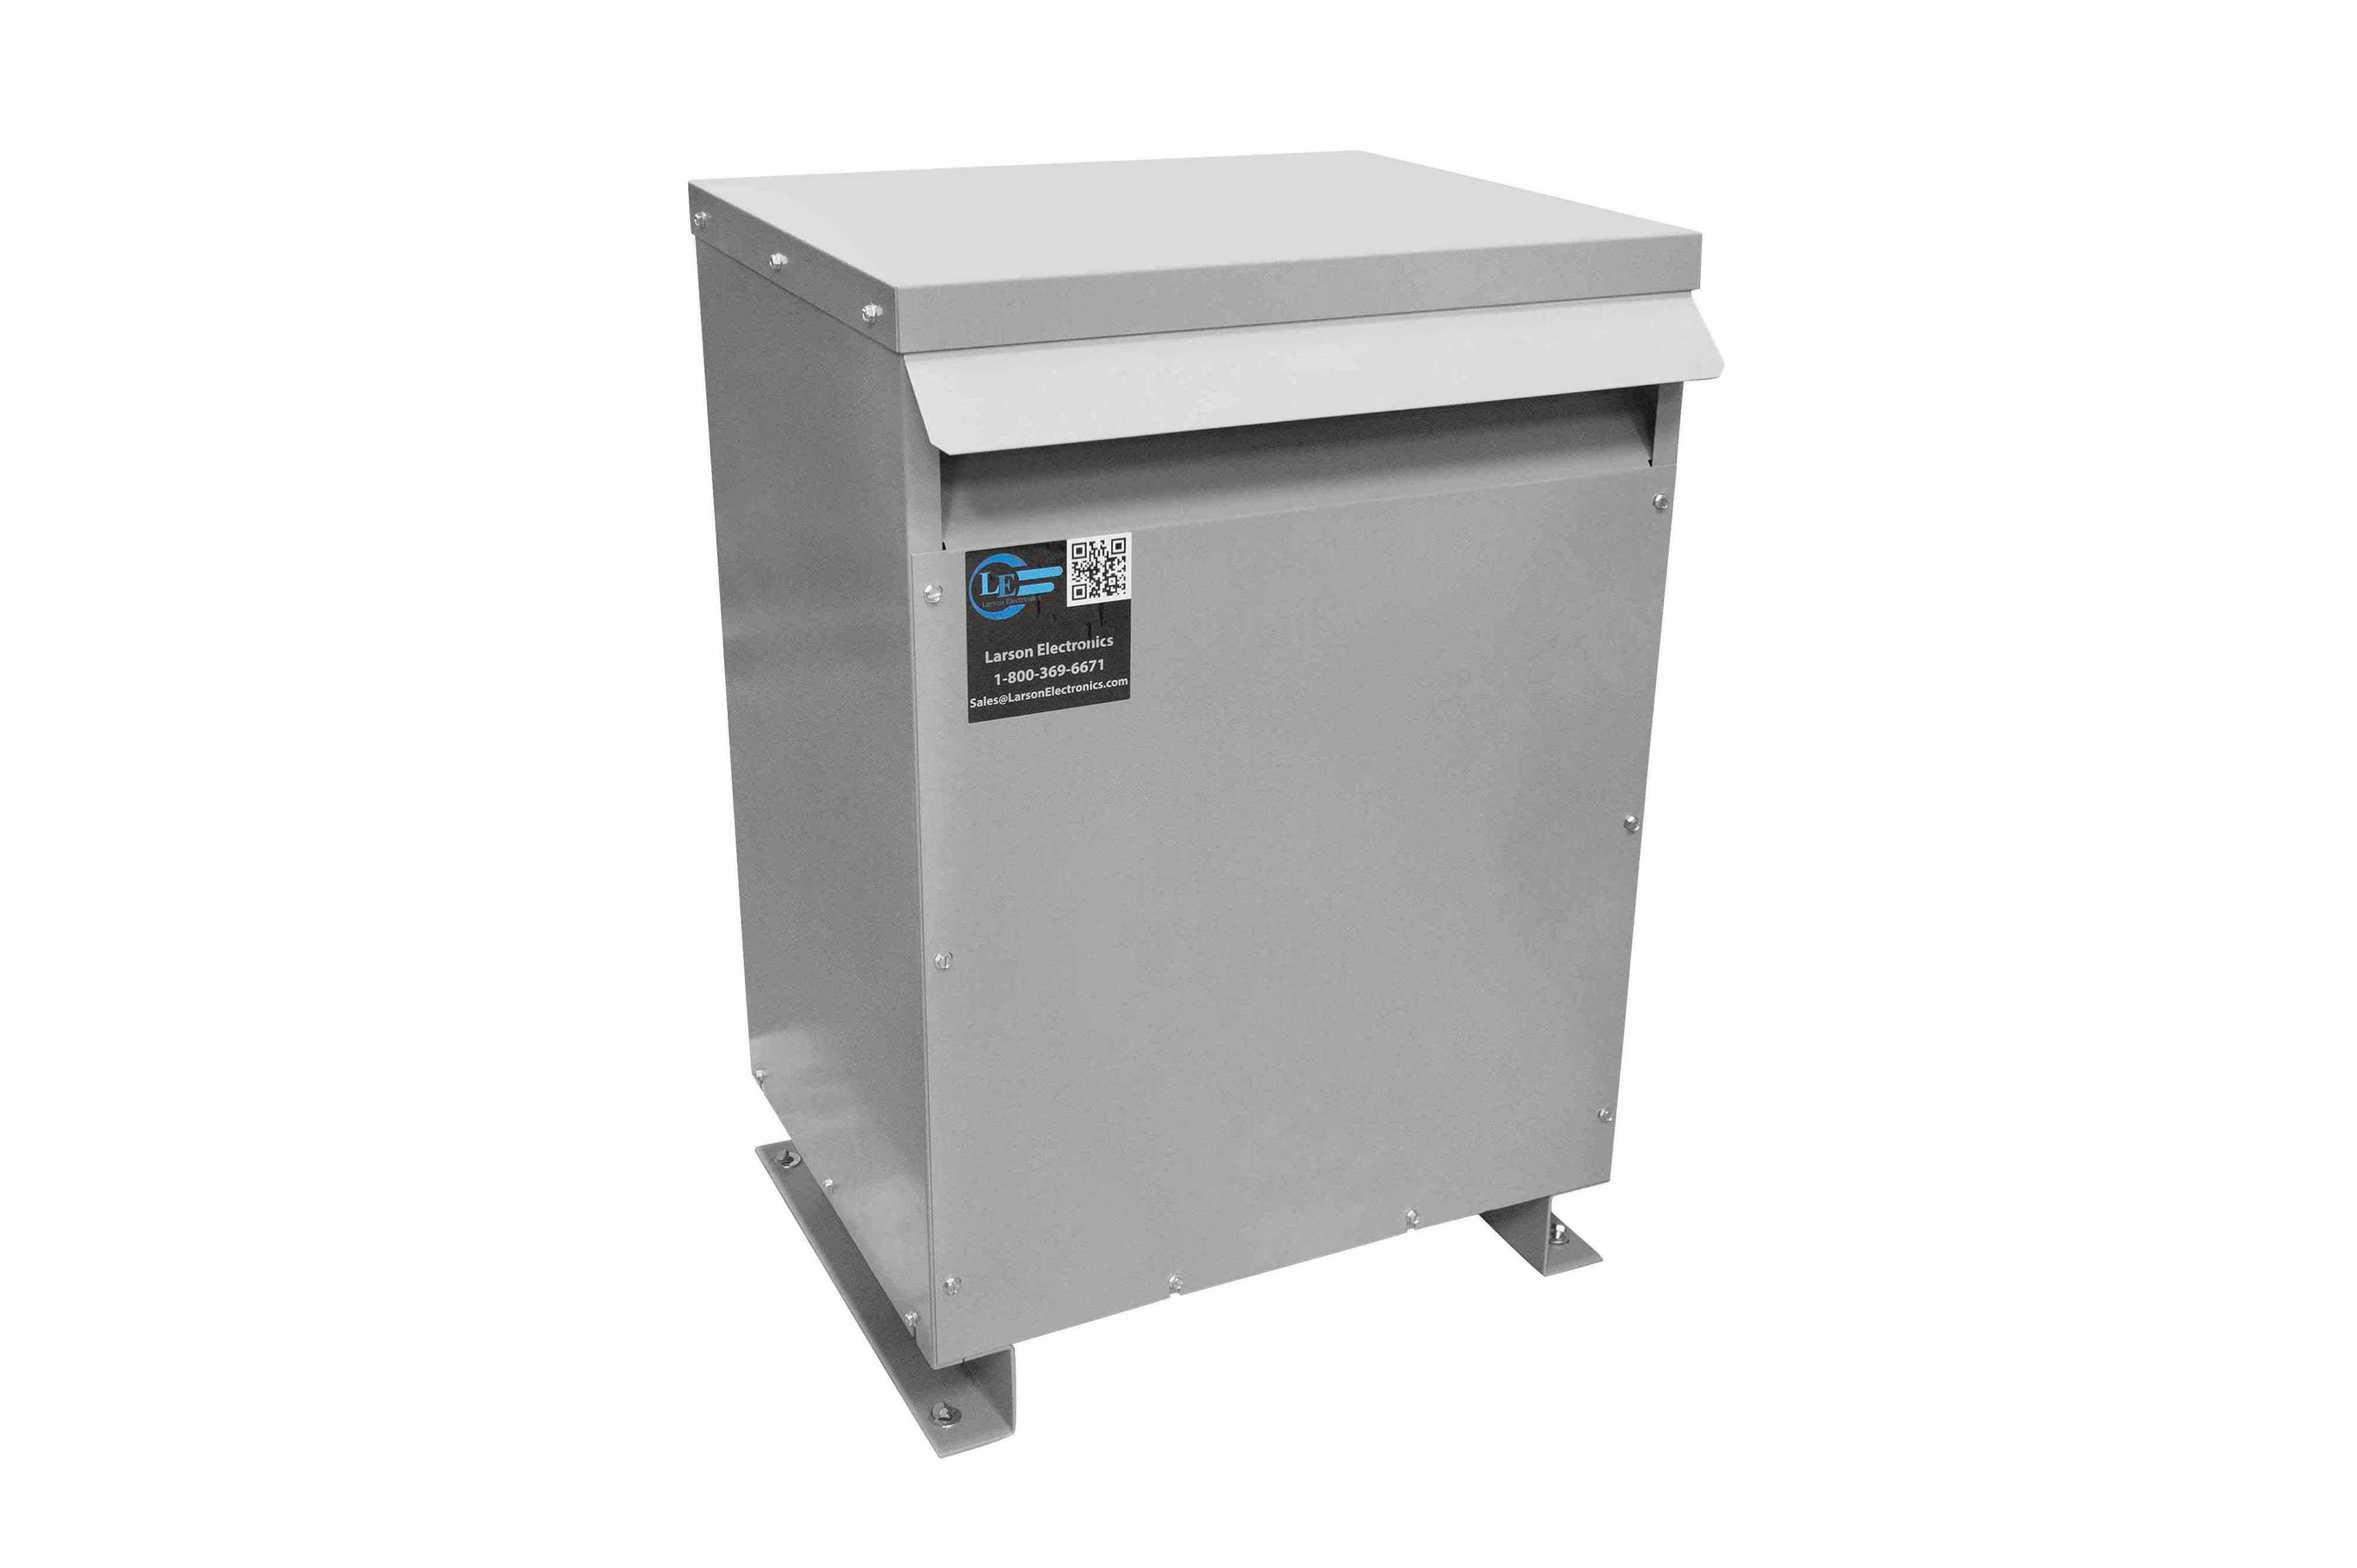 45 kVA 3PH Isolation Transformer, 480V Delta Primary, 480V Delta Secondary, N3R, Ventilated, 60 Hz